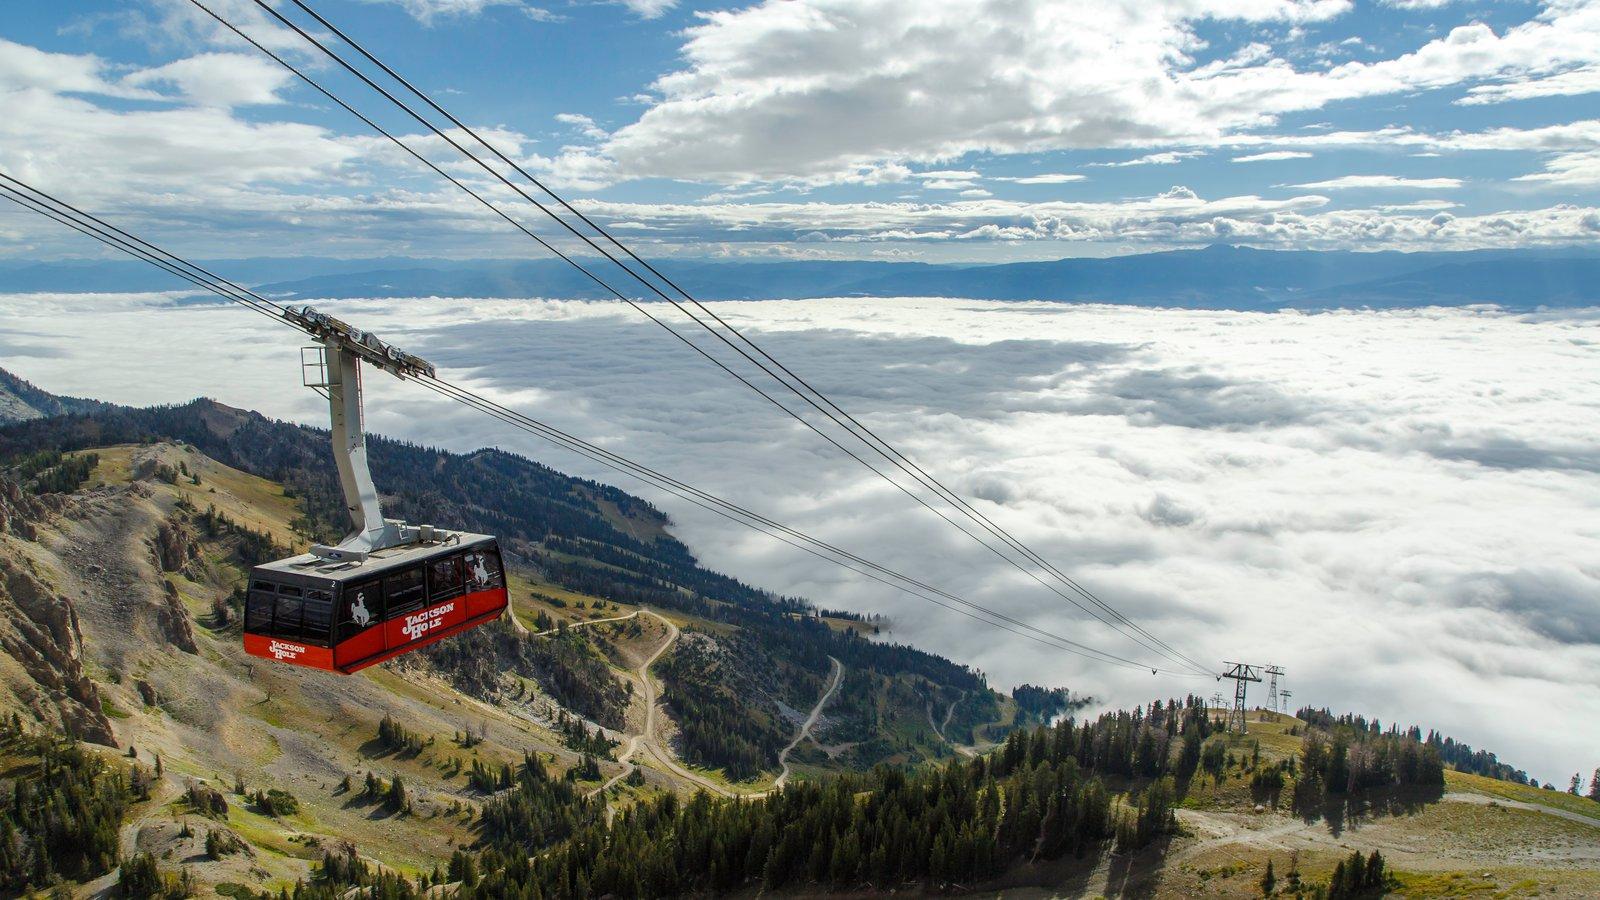 Jackson Hole Mountain Resort ofreciendo una góndola